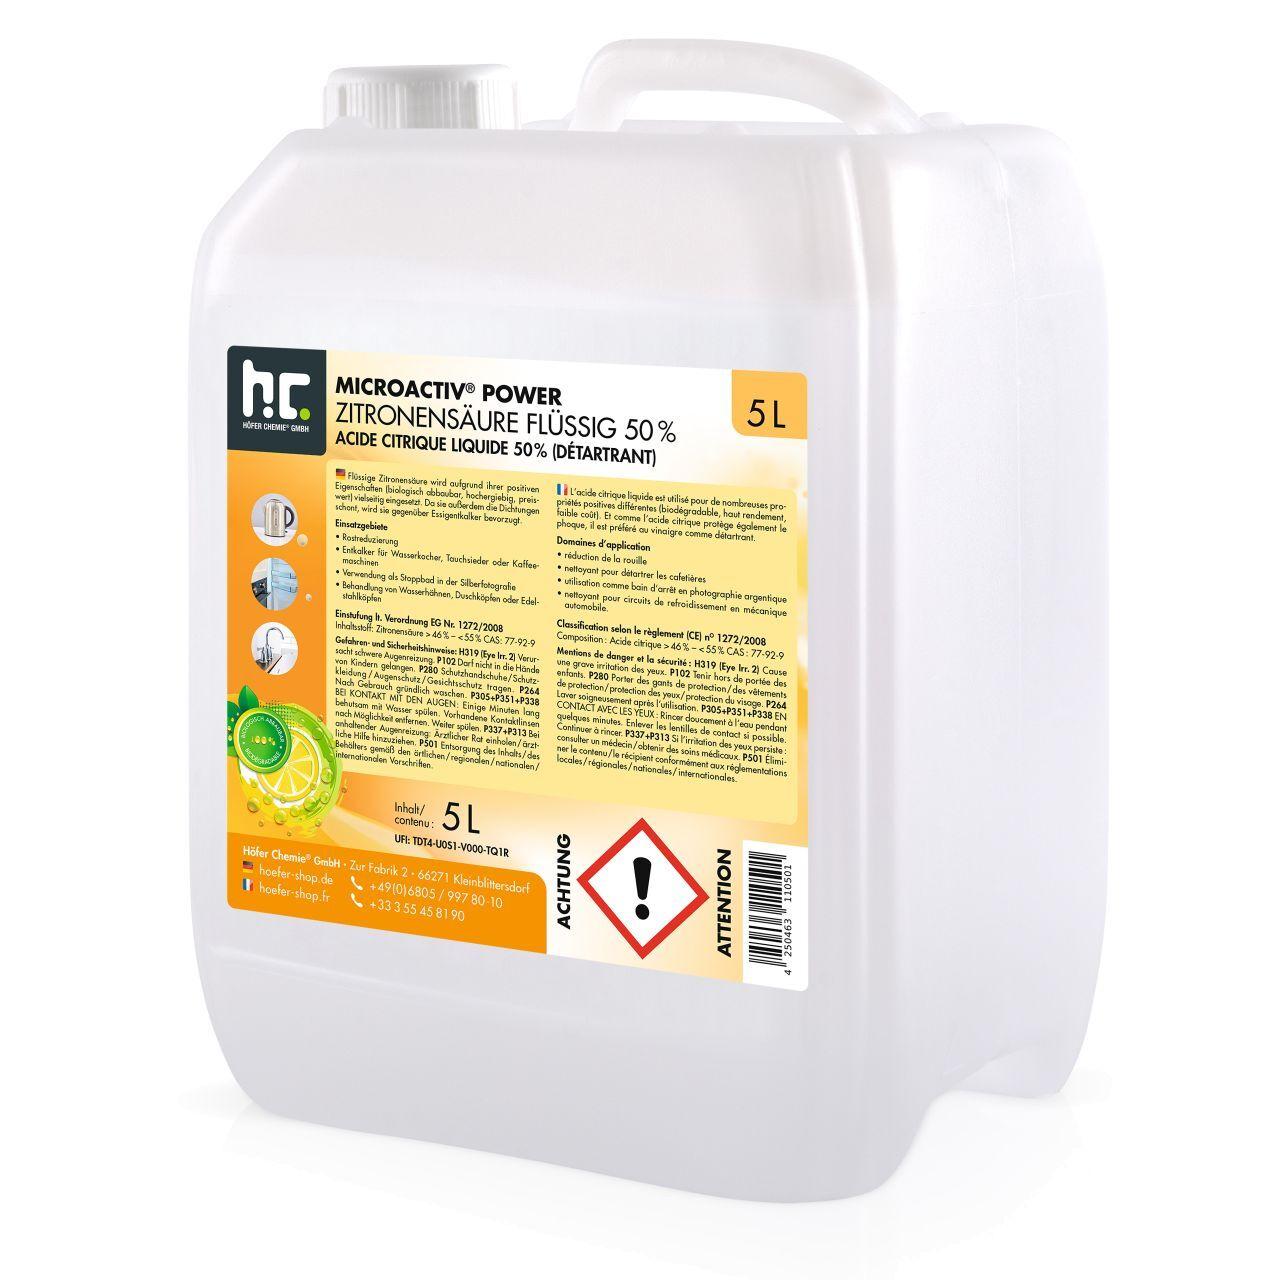 Höfer Chemie 10 l Acide Citrique Liquide 50% (2 x 5 l)